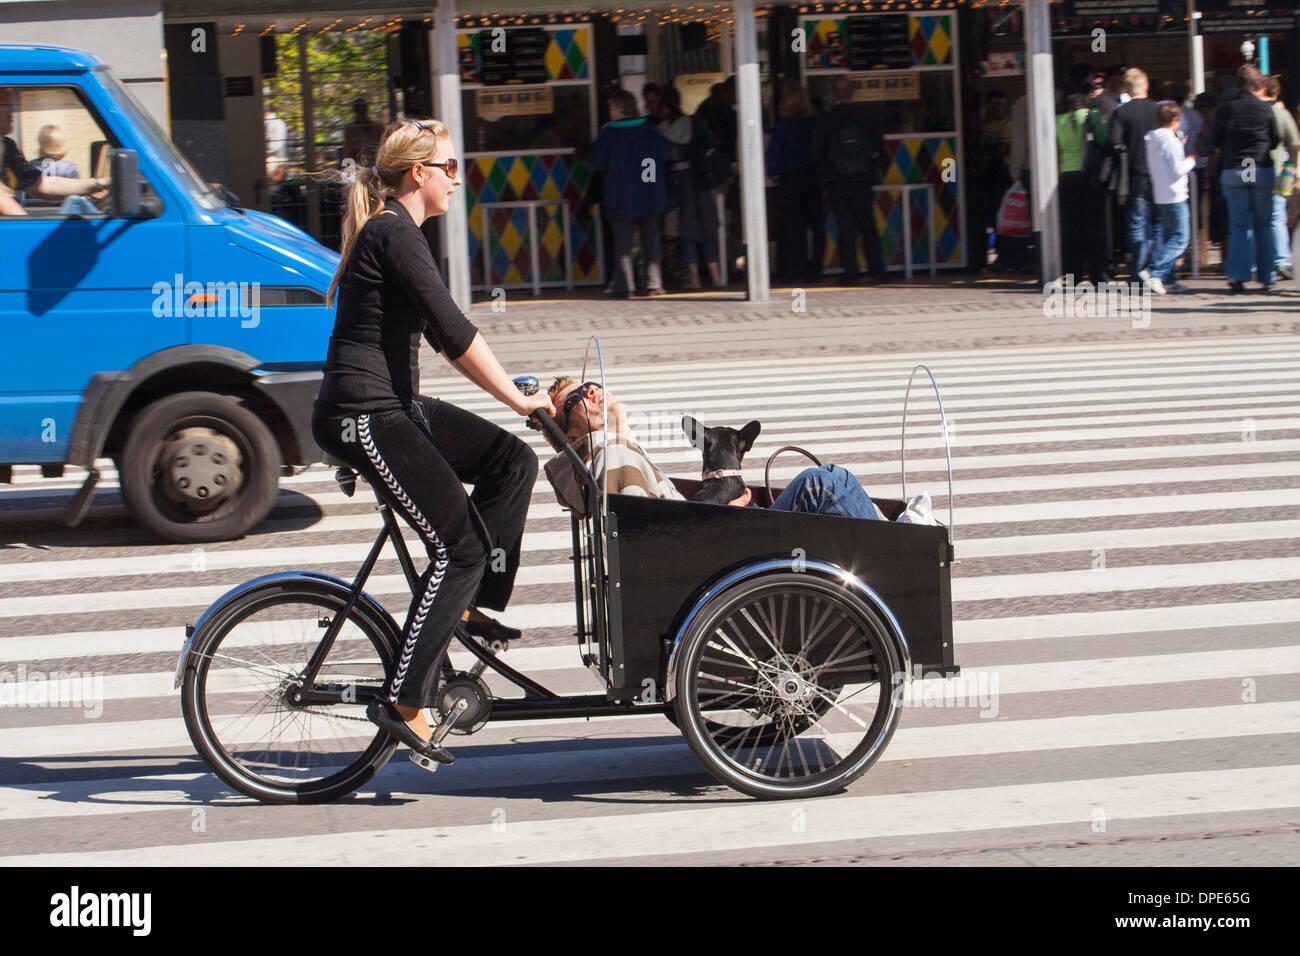 Danimarca Copenaghen Giovane Donna In Sella Ad Una Bicicletta